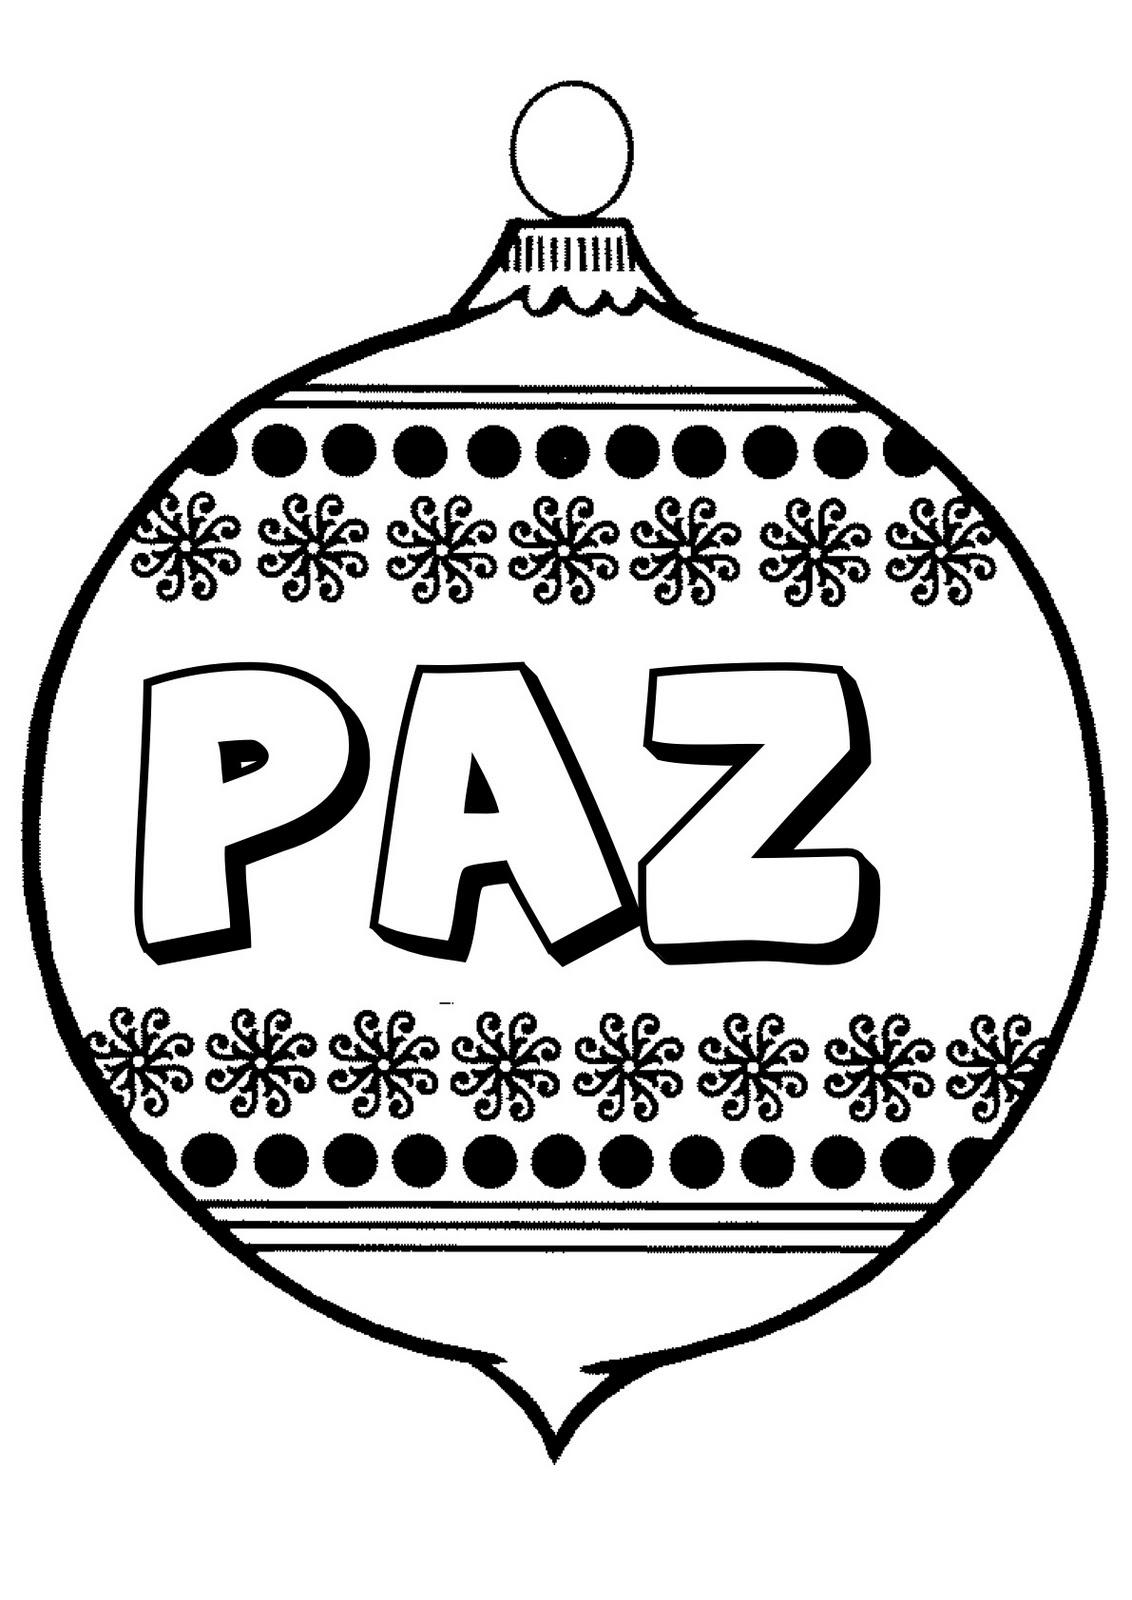 Imagenes Bolas De Navidad Para Colorear.Dibujos Para Colorear De Bolas De Navidad Trato O Truco